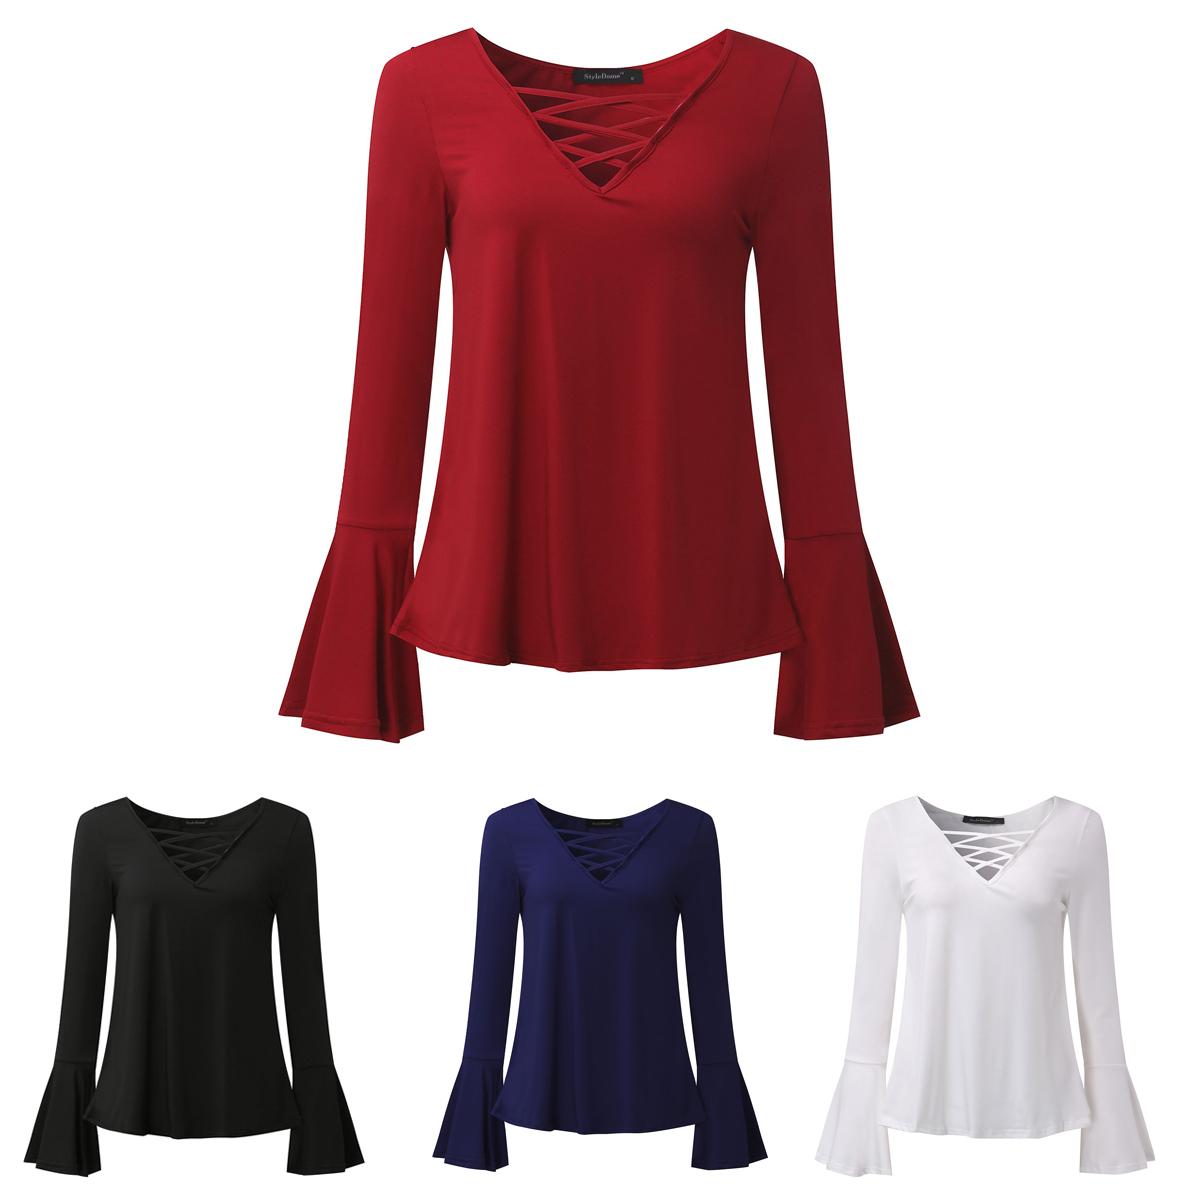 Buy & Sell Cheapest ZANZEA RENDA RENDA Best Quality Product Deals Source · Jenis Tops Warna Biru Putih Pucat Merah Anggur Hitam Paket termasuk 1 atasan